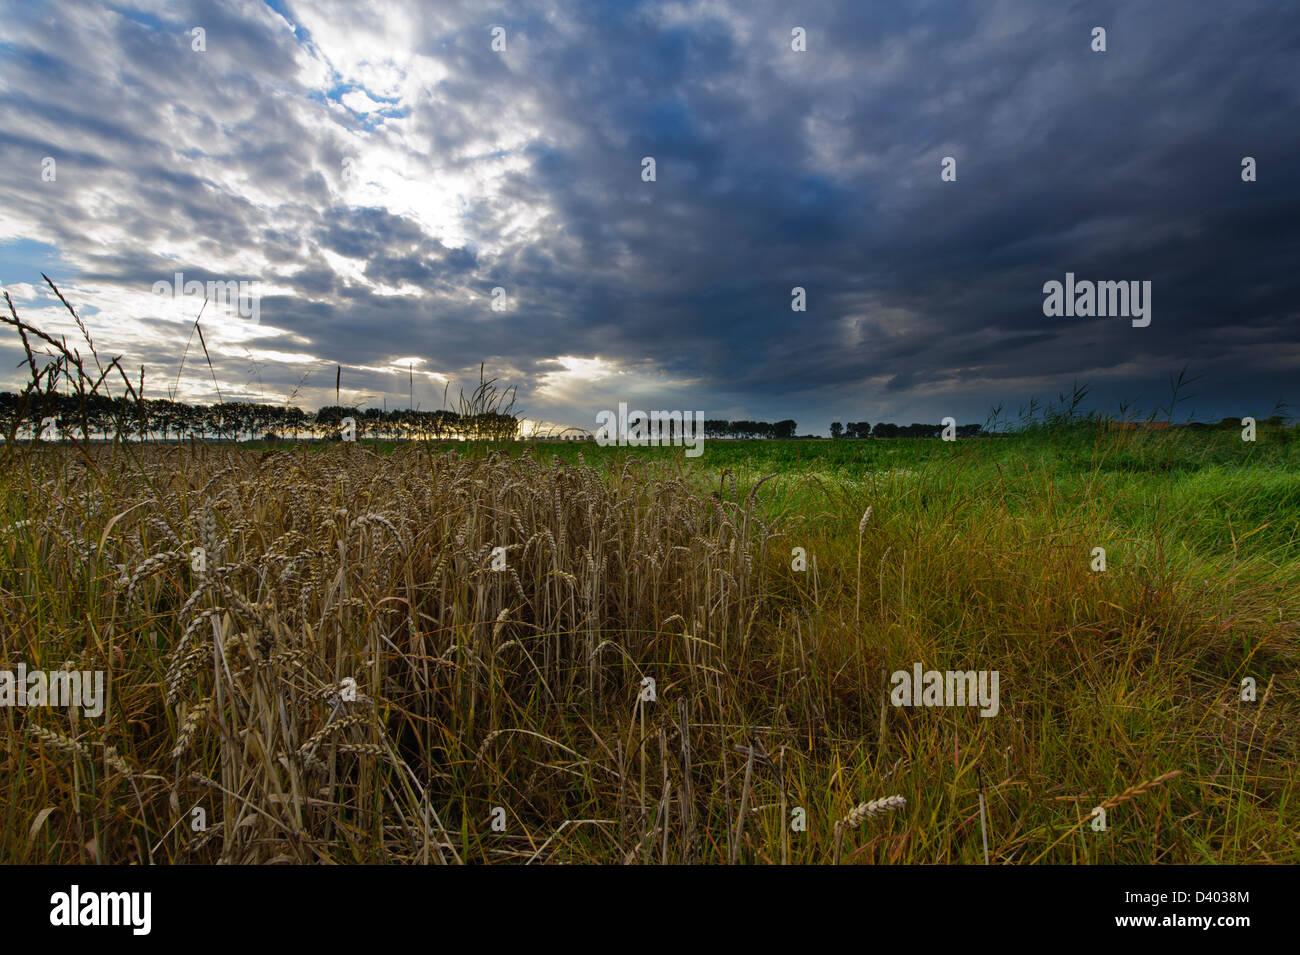 Approaching thunderstorm above a wheat field in the  Hertogin Hedwige polder''  in Zeeuws Vlaanderen. Zeeland. - Stock Image